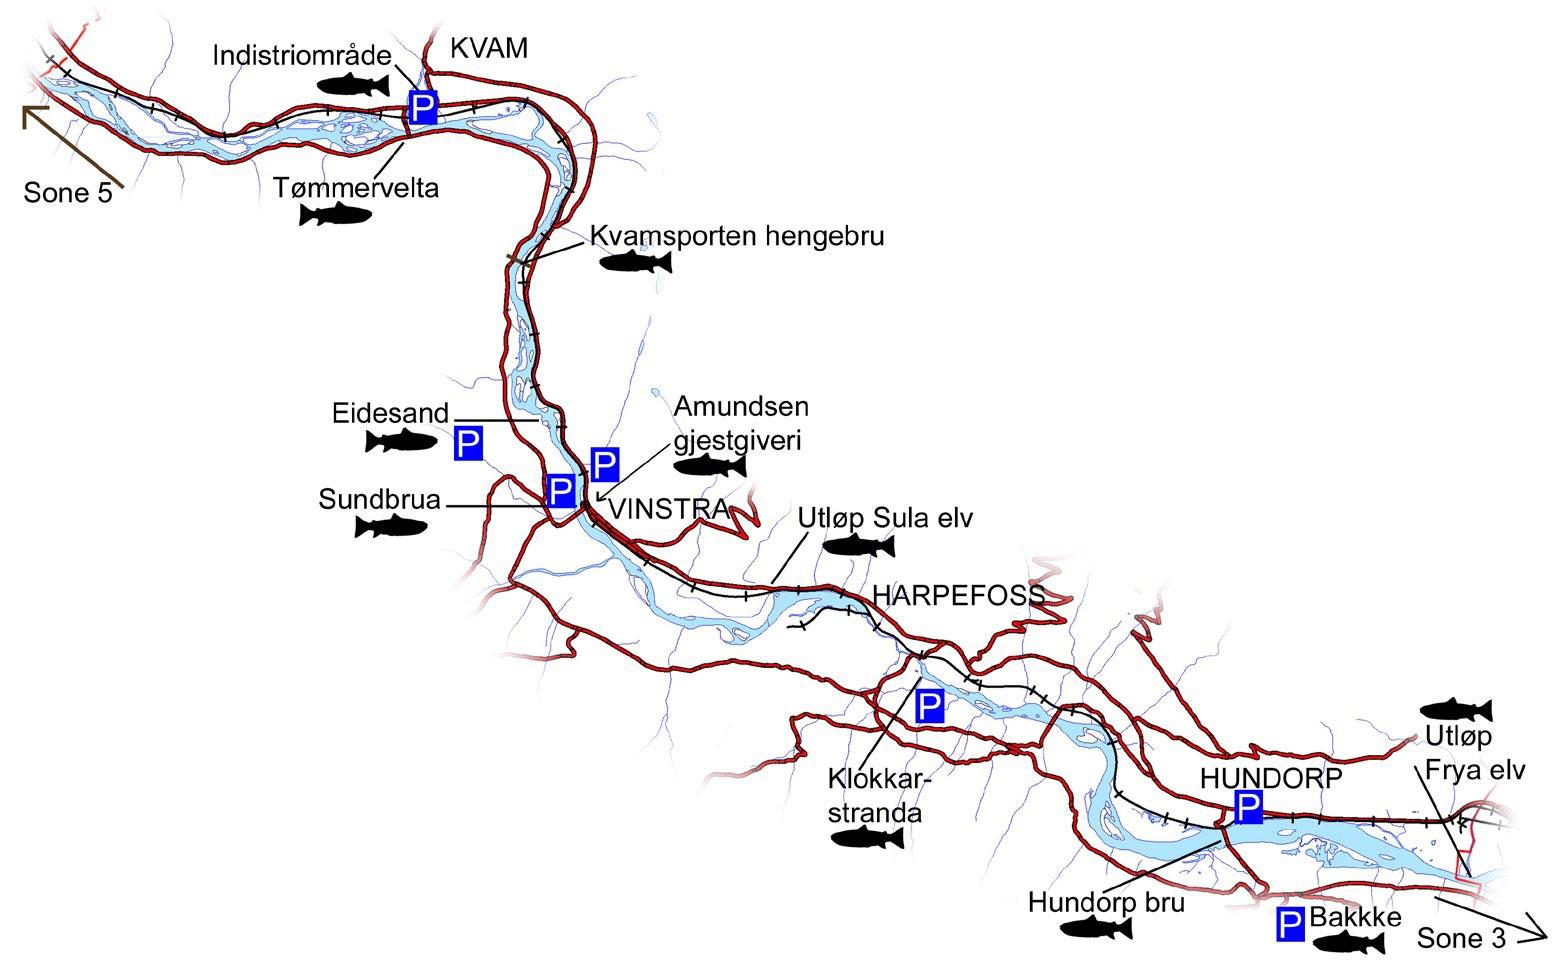 Kart_sone_4.jpg